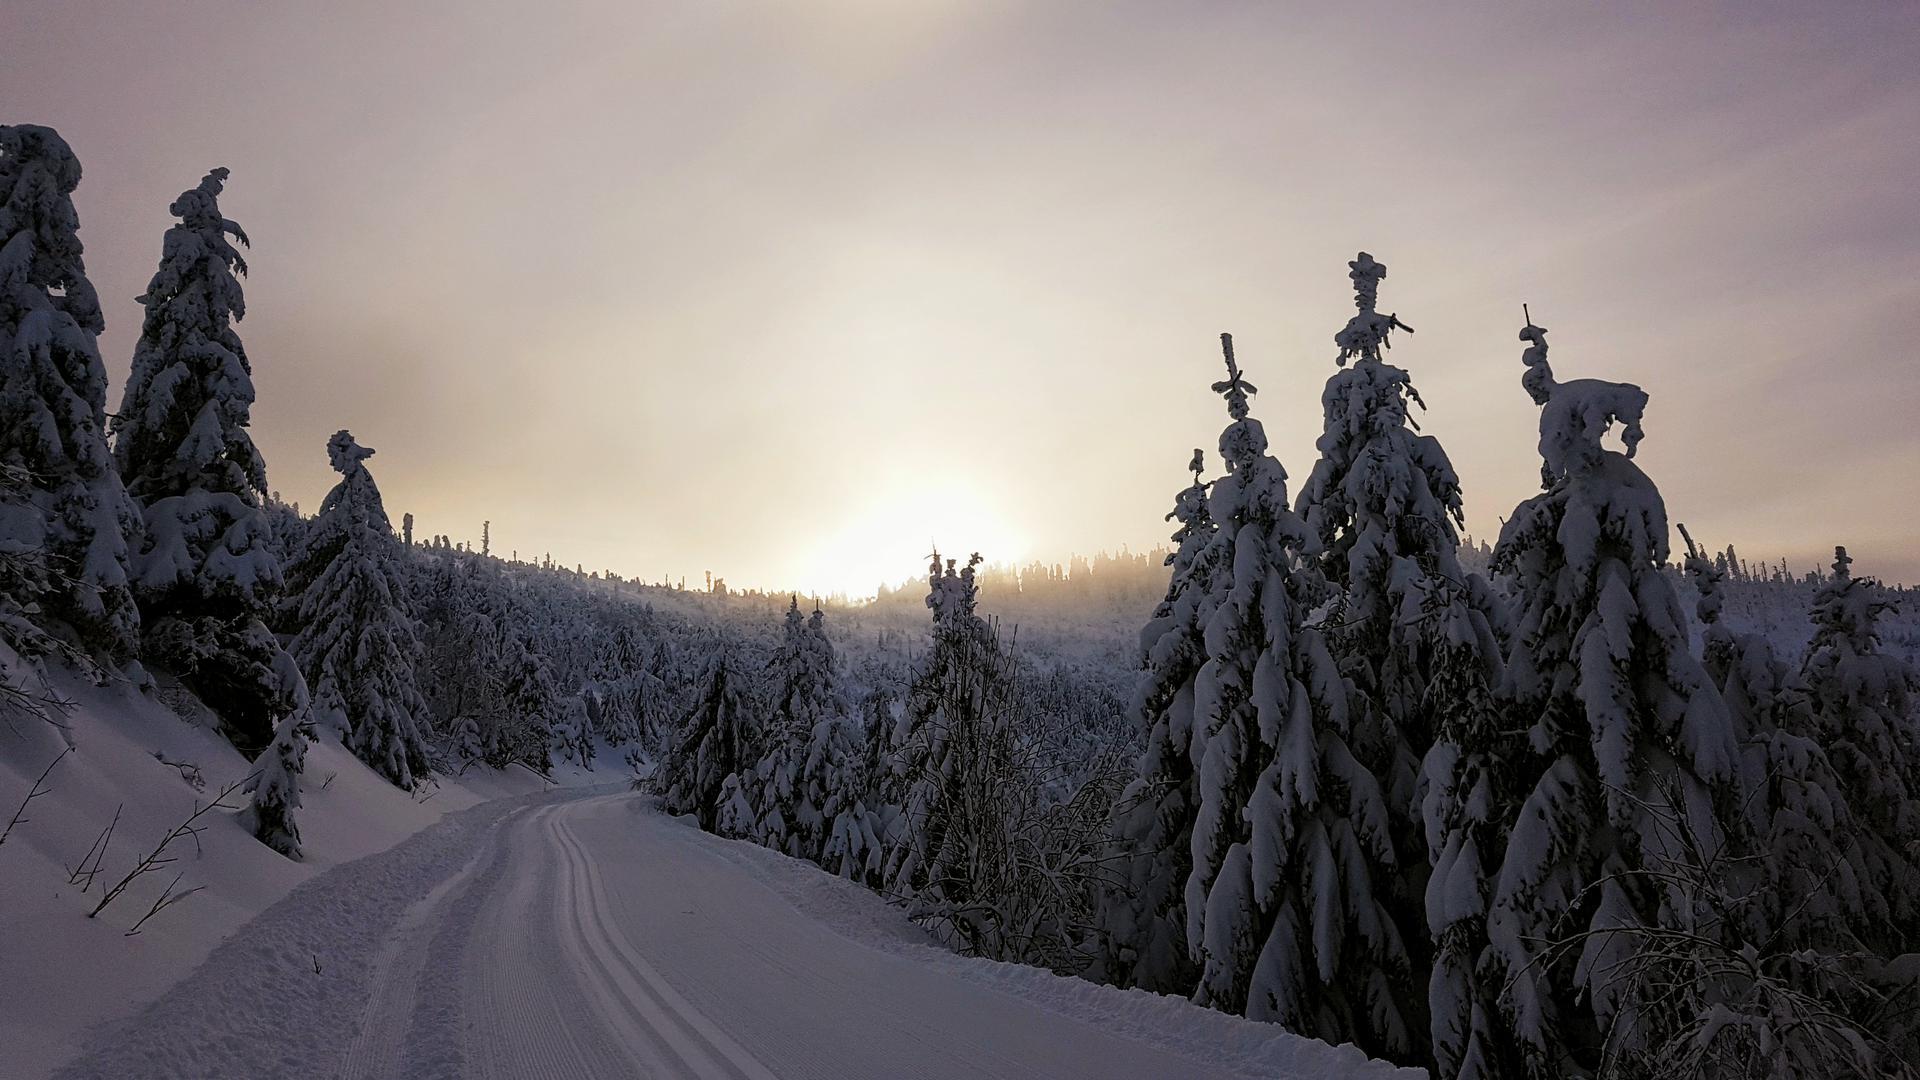 """Frühaufstehen lohnt sich: Auf dem Weg zur Darmstädter Hütte wurde Leserin Gerlinde Höll aus Bühl mit einem Sonnenaufgang hinter schneebedeckten Tannen belohnt. Ihr Fazit: """"Wir dürfen dankbar sein, dass wir solch eine schöne Landschaft haben."""""""